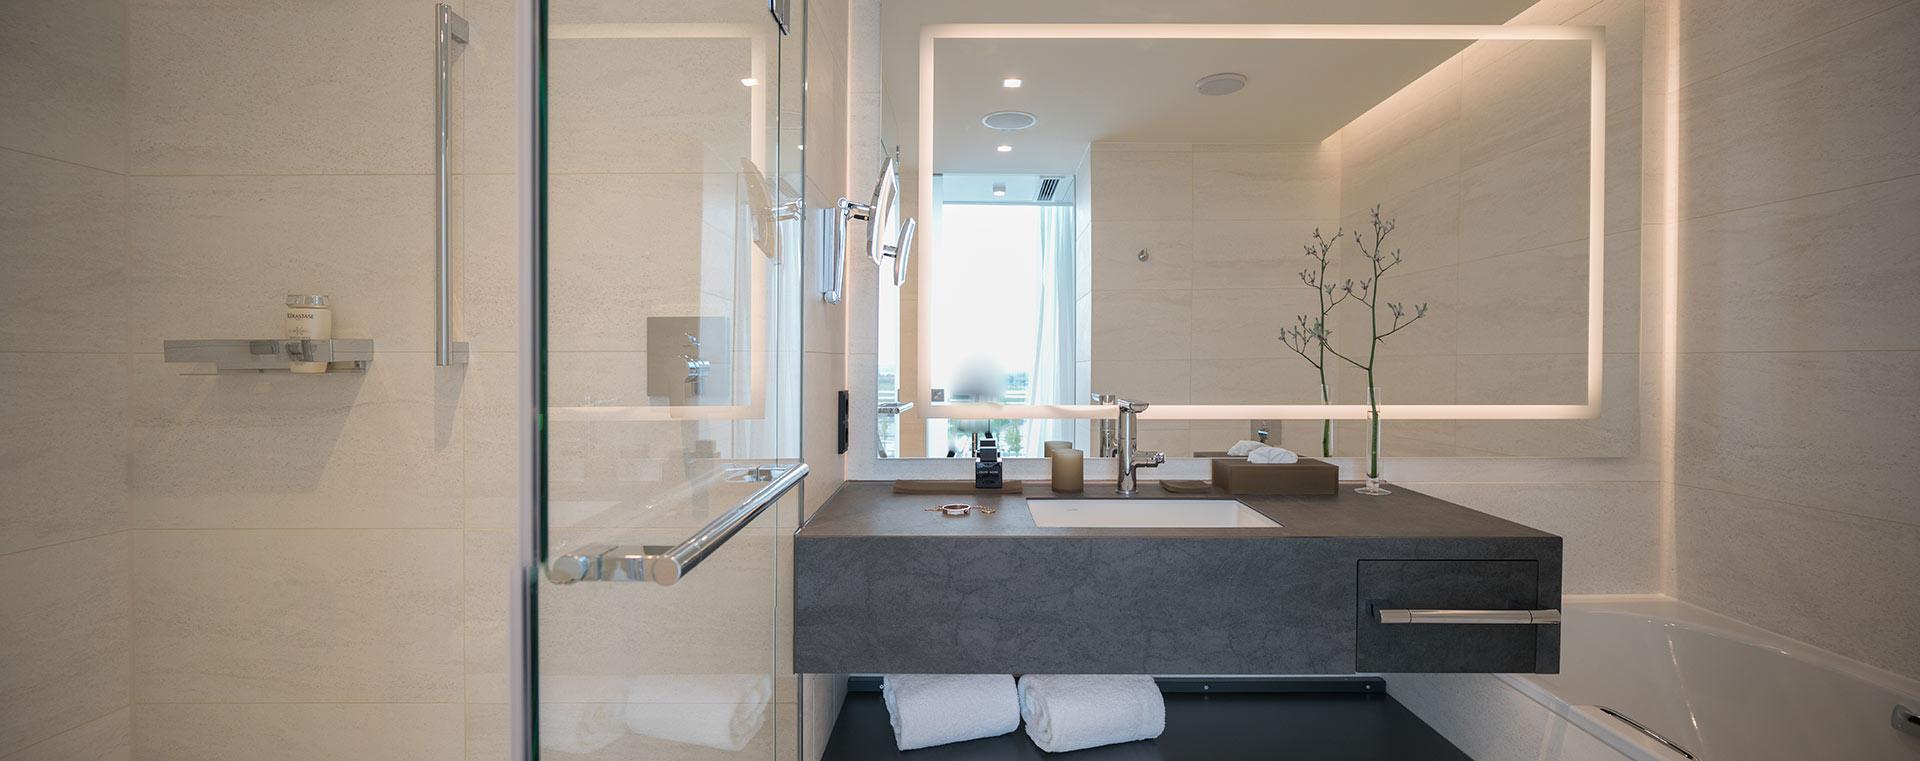 Das Bad im Zimmer des Hotels Hilton Munich Airport